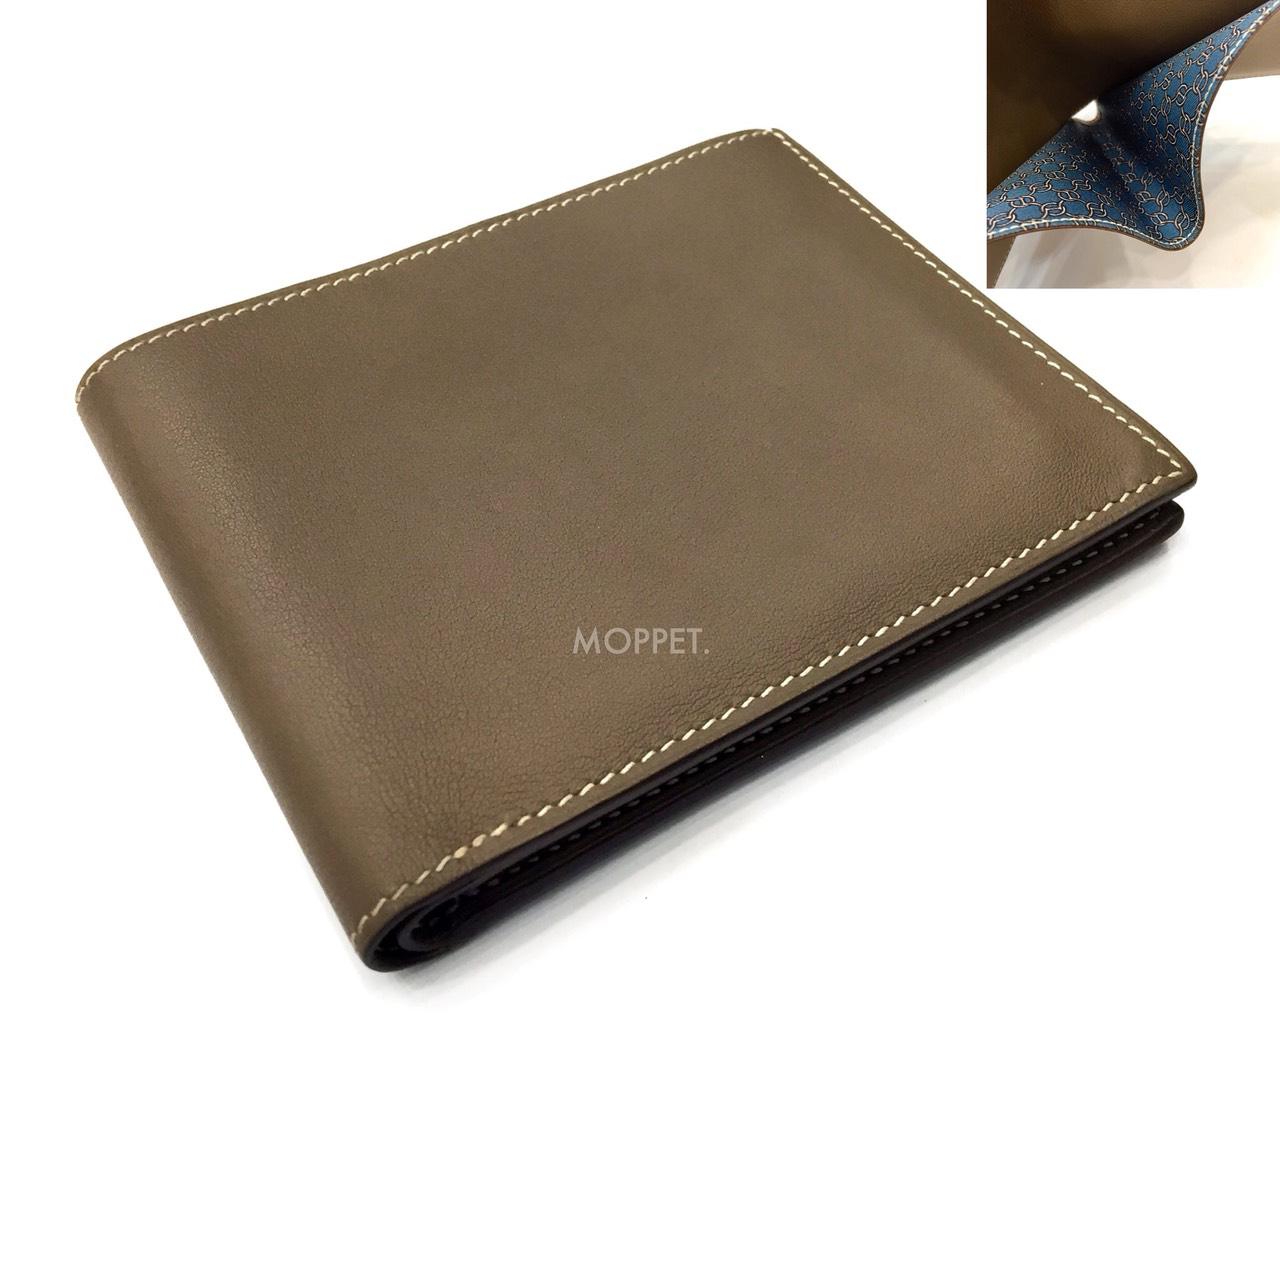 Used Hermes MC2 Wallet in Etoupe Swift